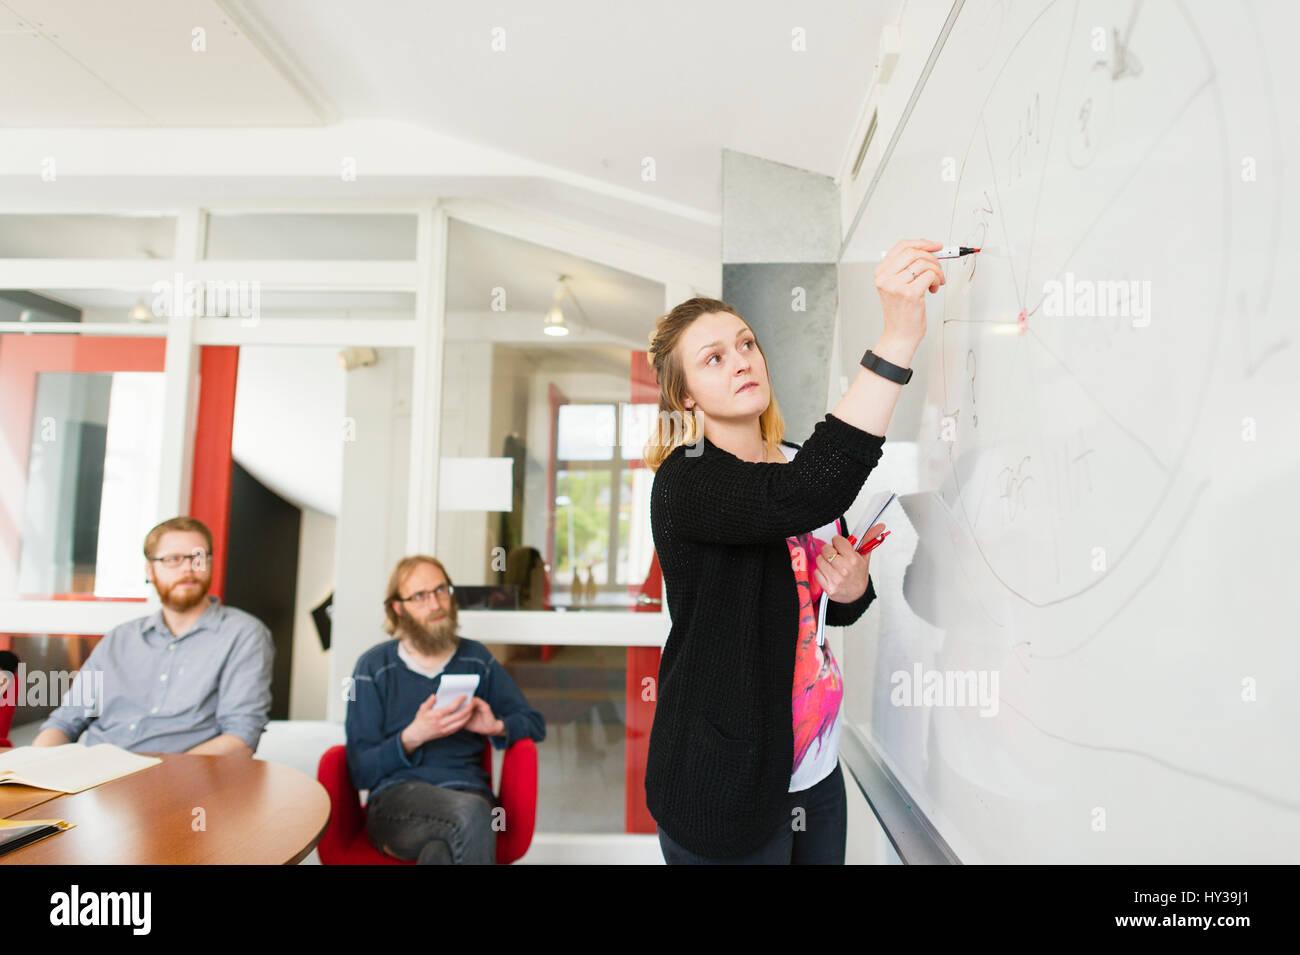 La Svezia, giovane donna disegno sulla lavagna bianca durante riunioni di lavoro Immagini Stock